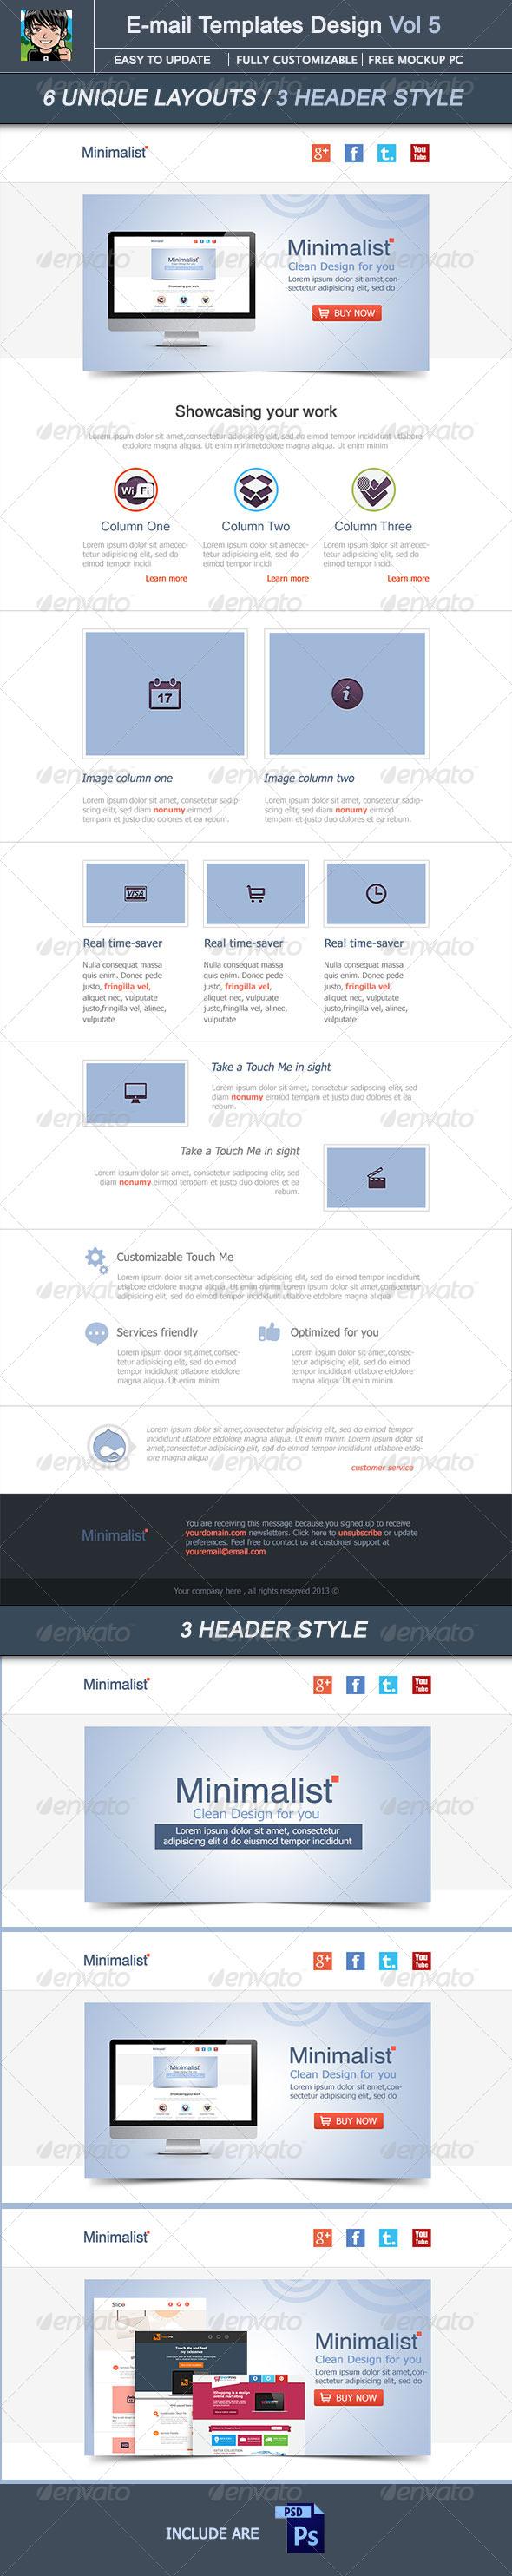 GraphicRiver Minimalist E-mail Template Design Vol 5 4753564